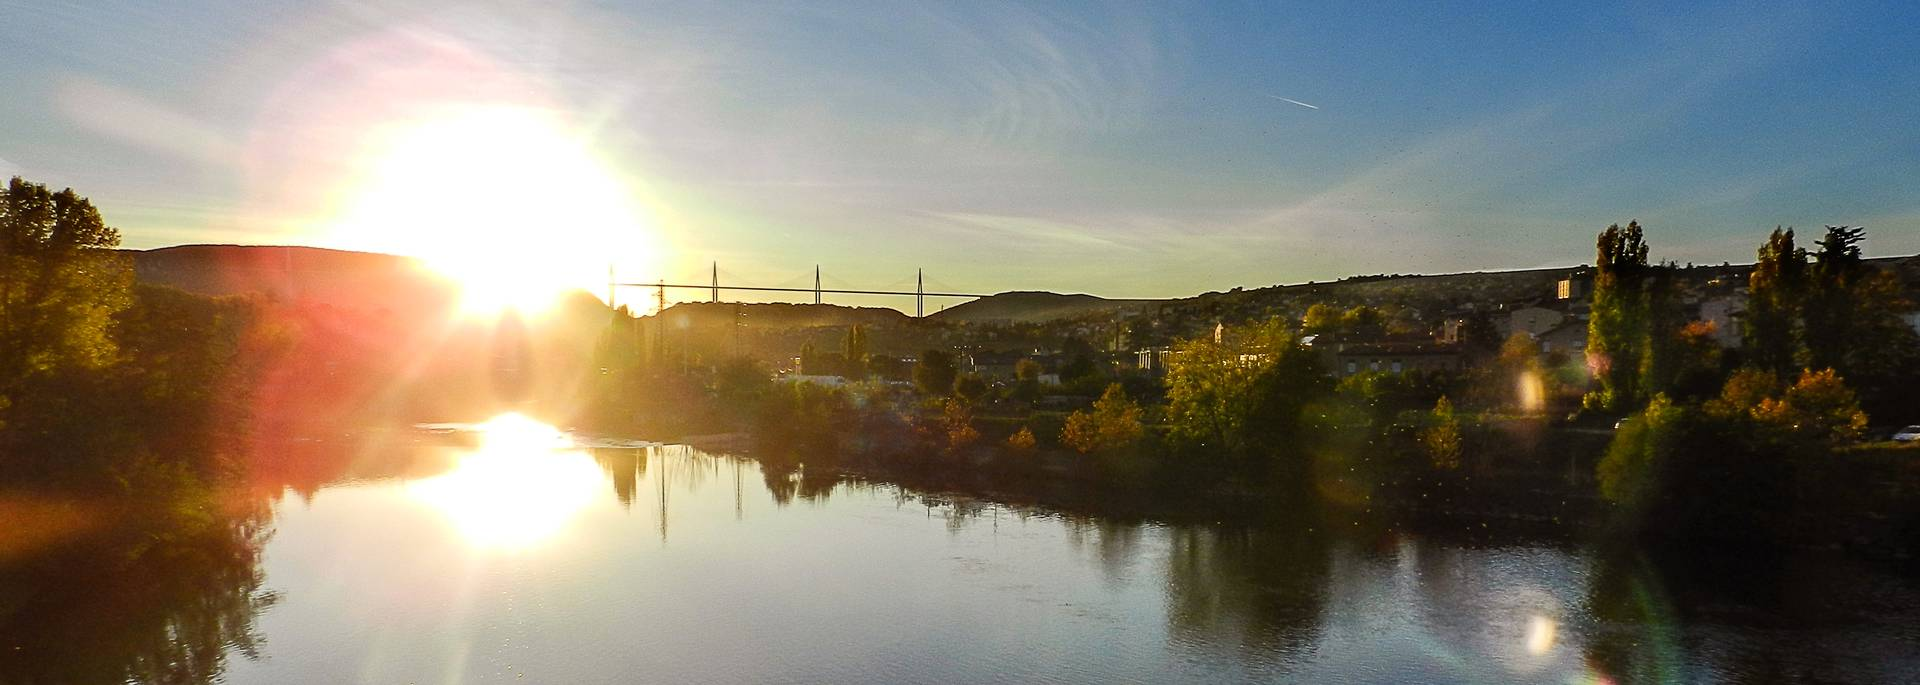 Le Viaduc au soleil vu du Pont Lerouge